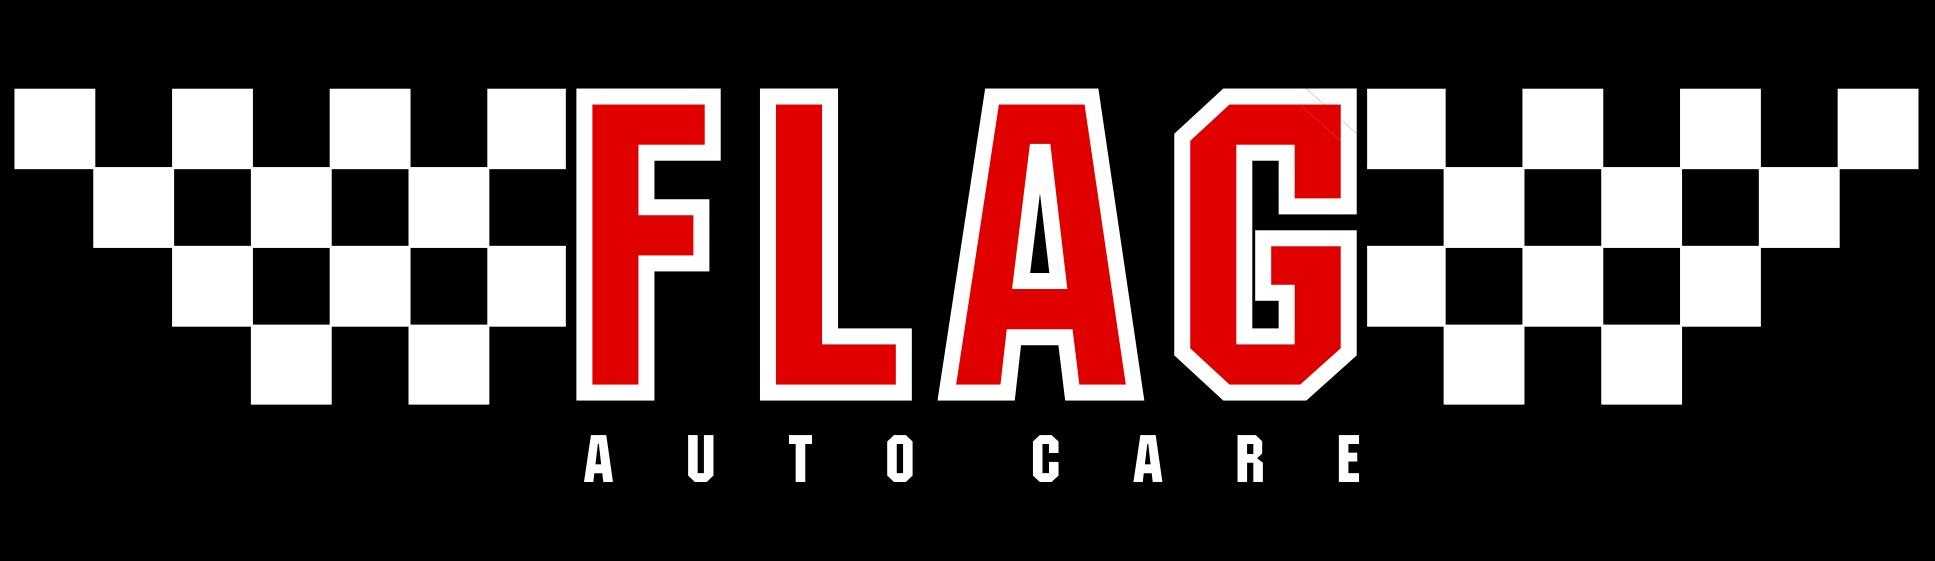 Flag Autocare - logo